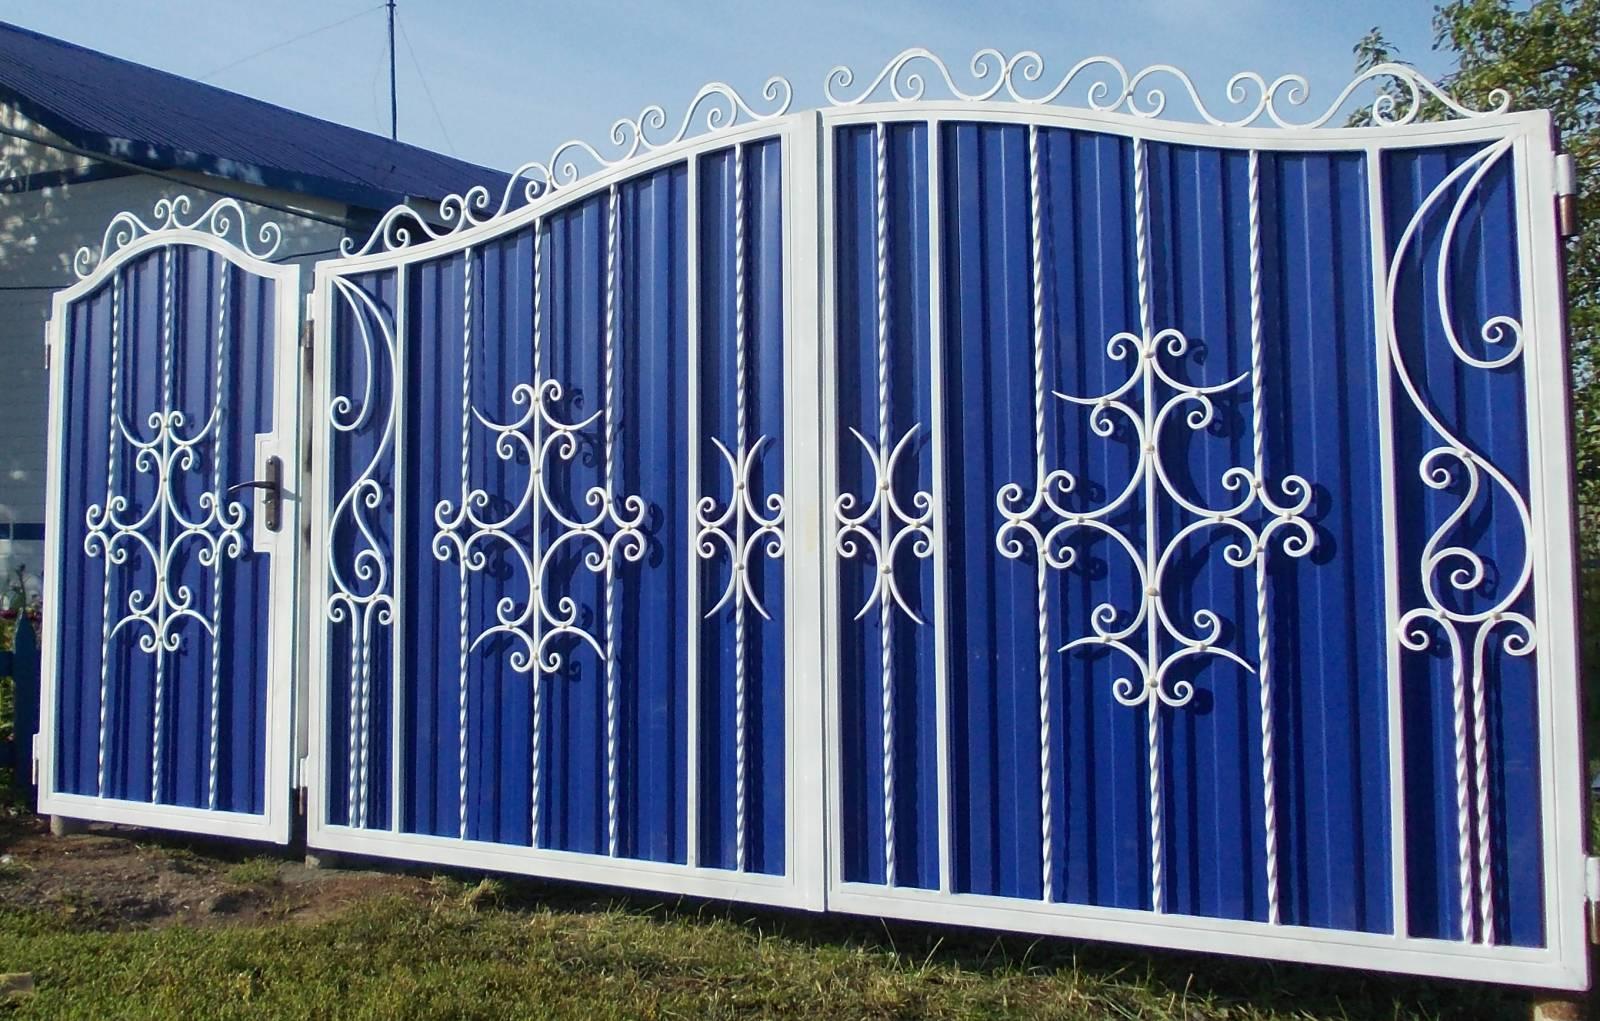 Как красиво оформить калитки и ворота: нестандартные идеи, дизайн своими